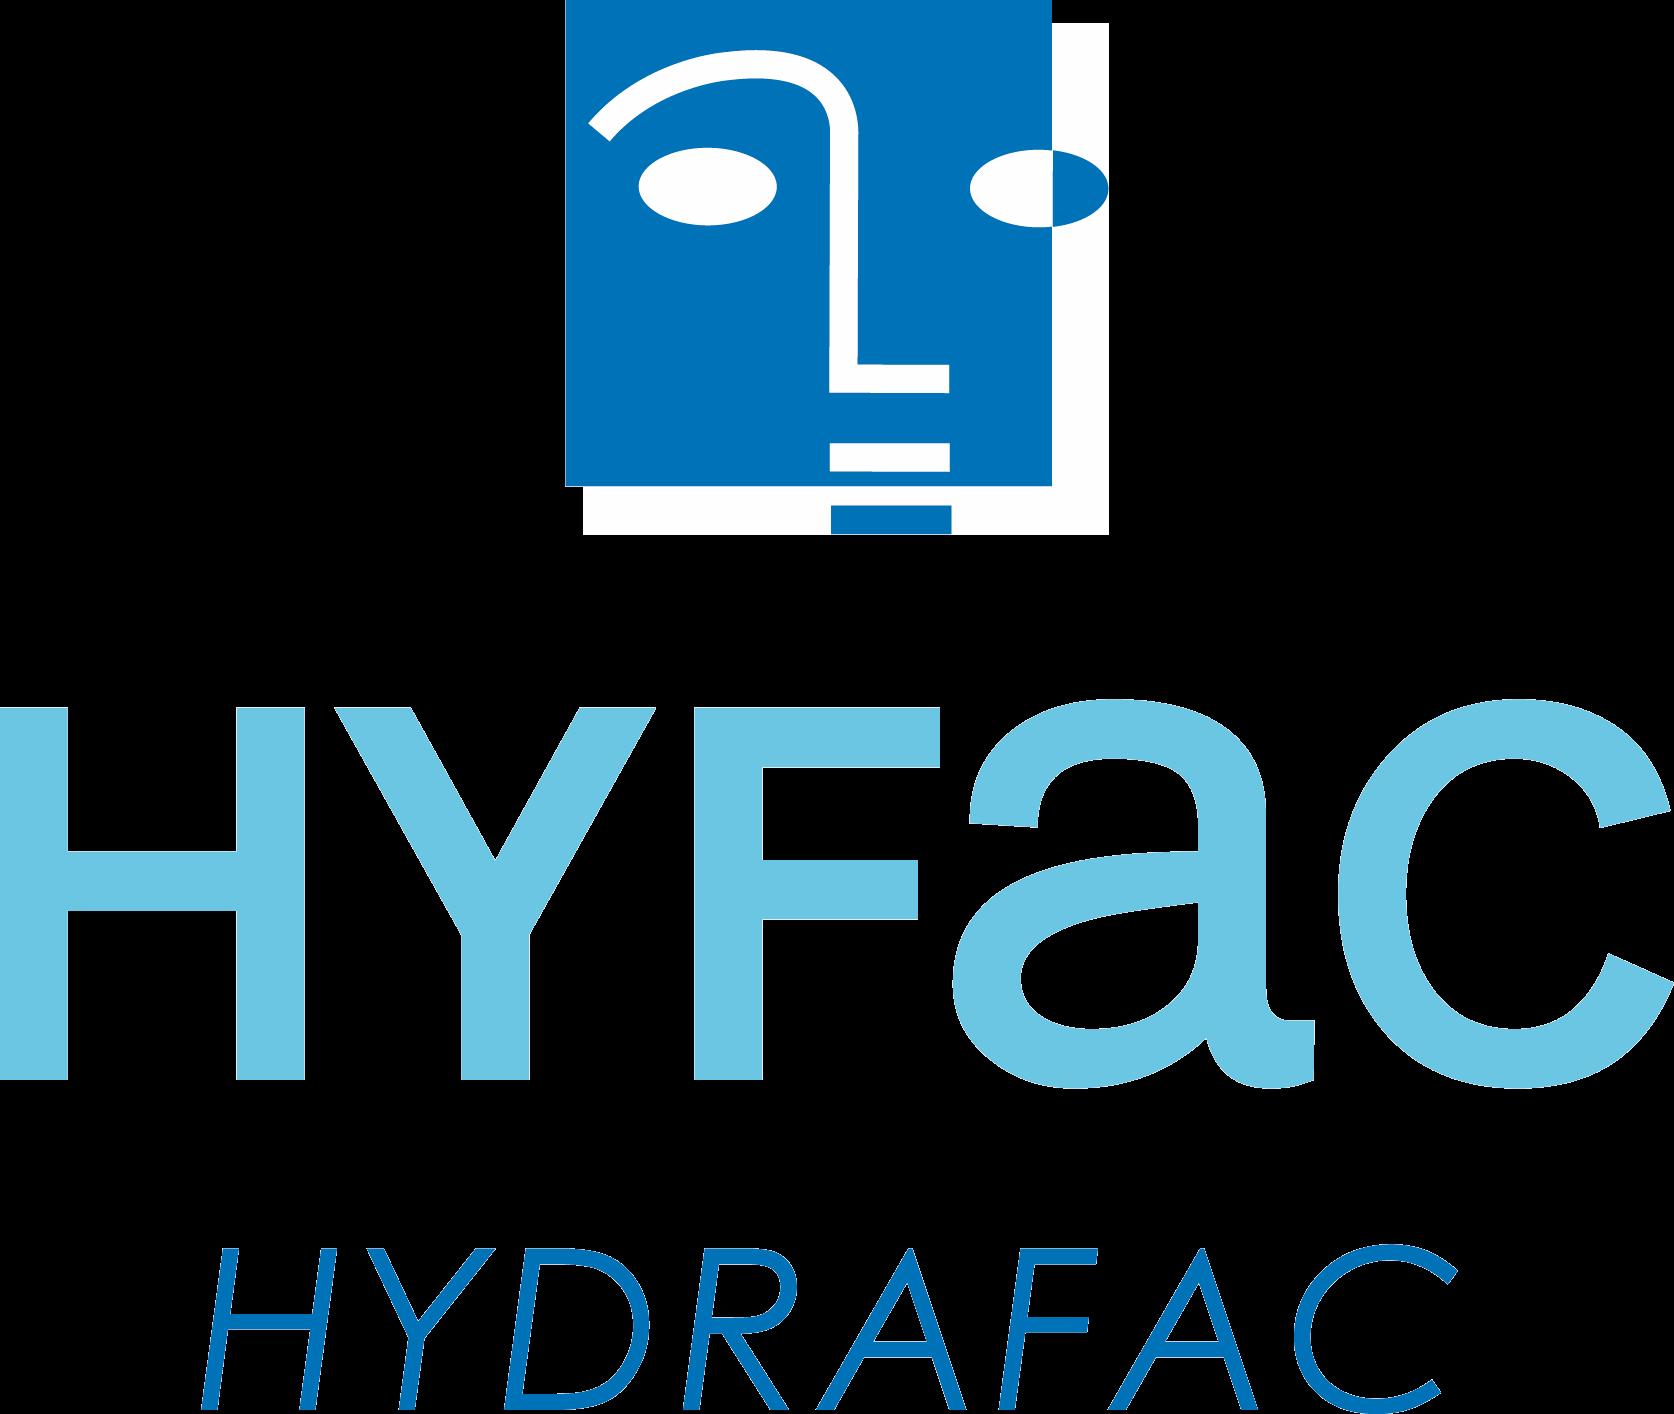 логотип hydrafac